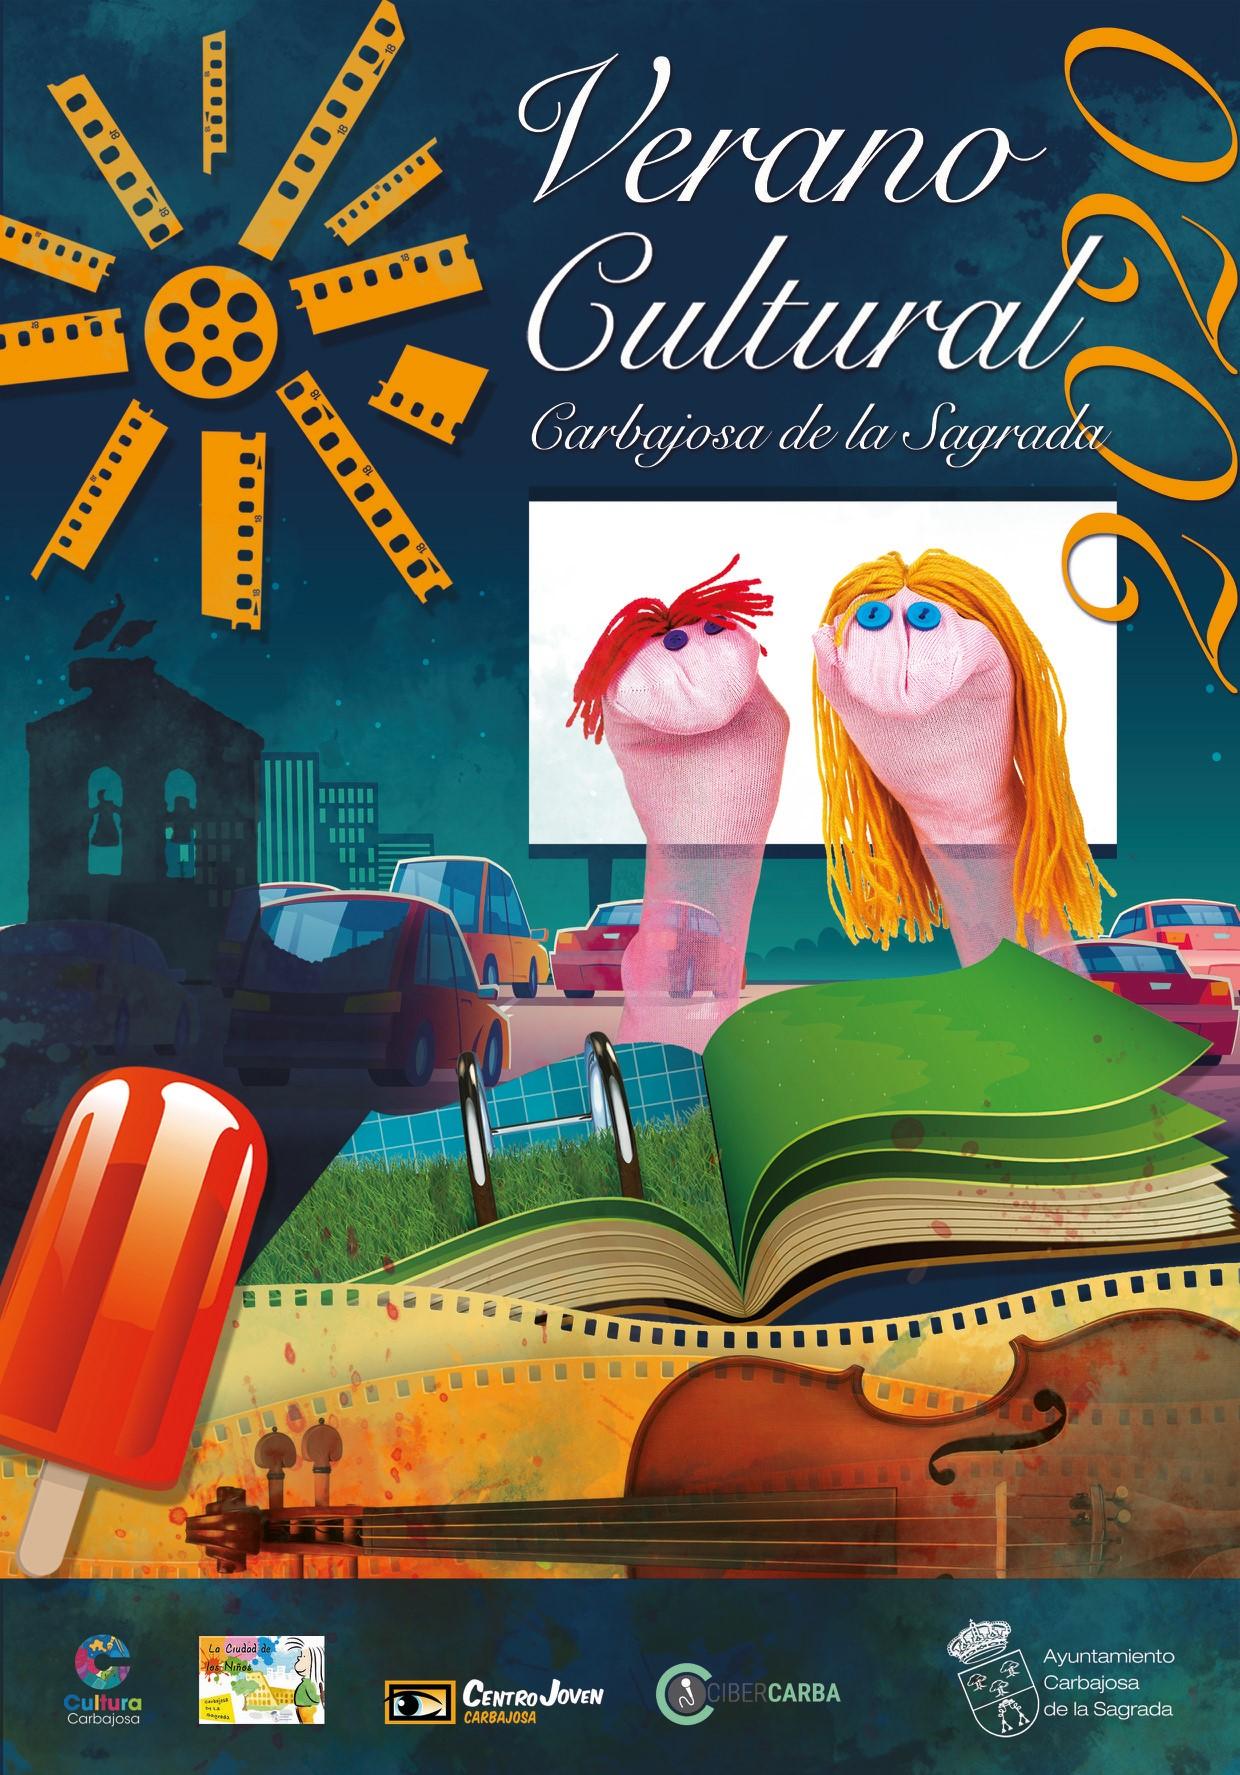 Verano cultural de carbajosa 2020 ¡¡participa!!